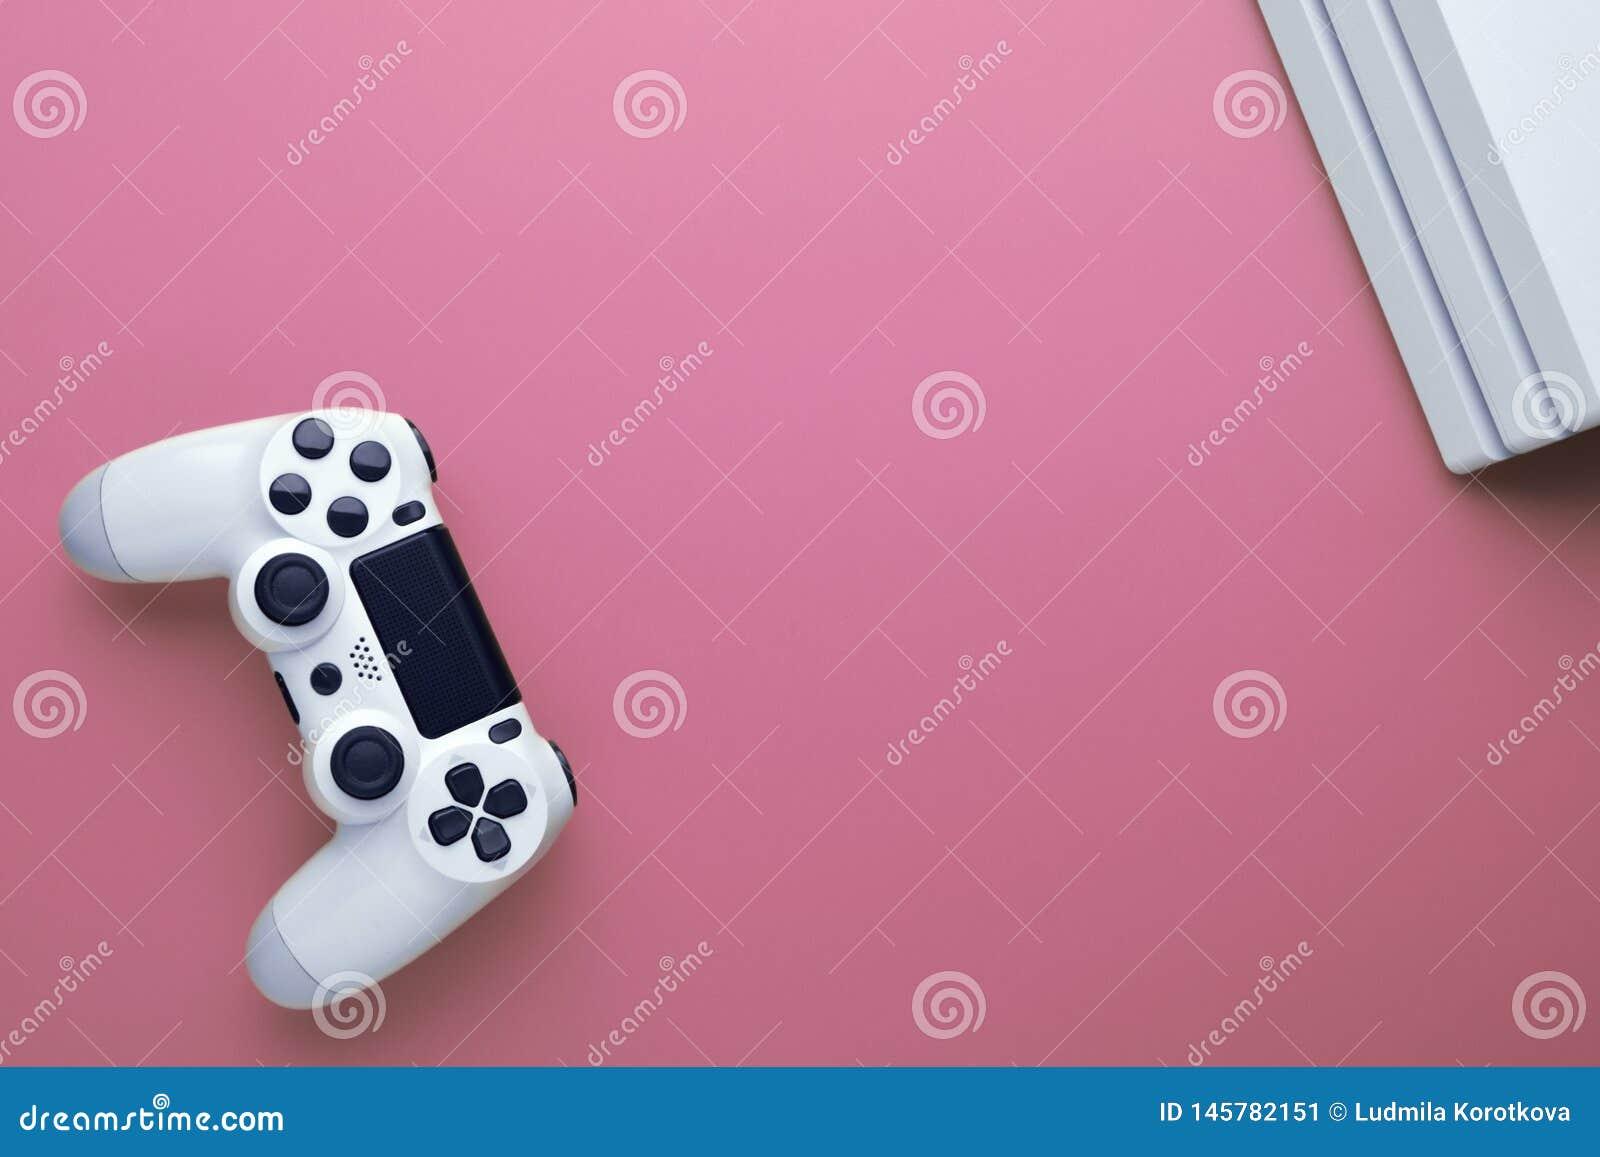 Spielkonzept Computerspiel Weißer Steuerknüppel und Conor von gamepad Konsole auf rosa Hintergrund